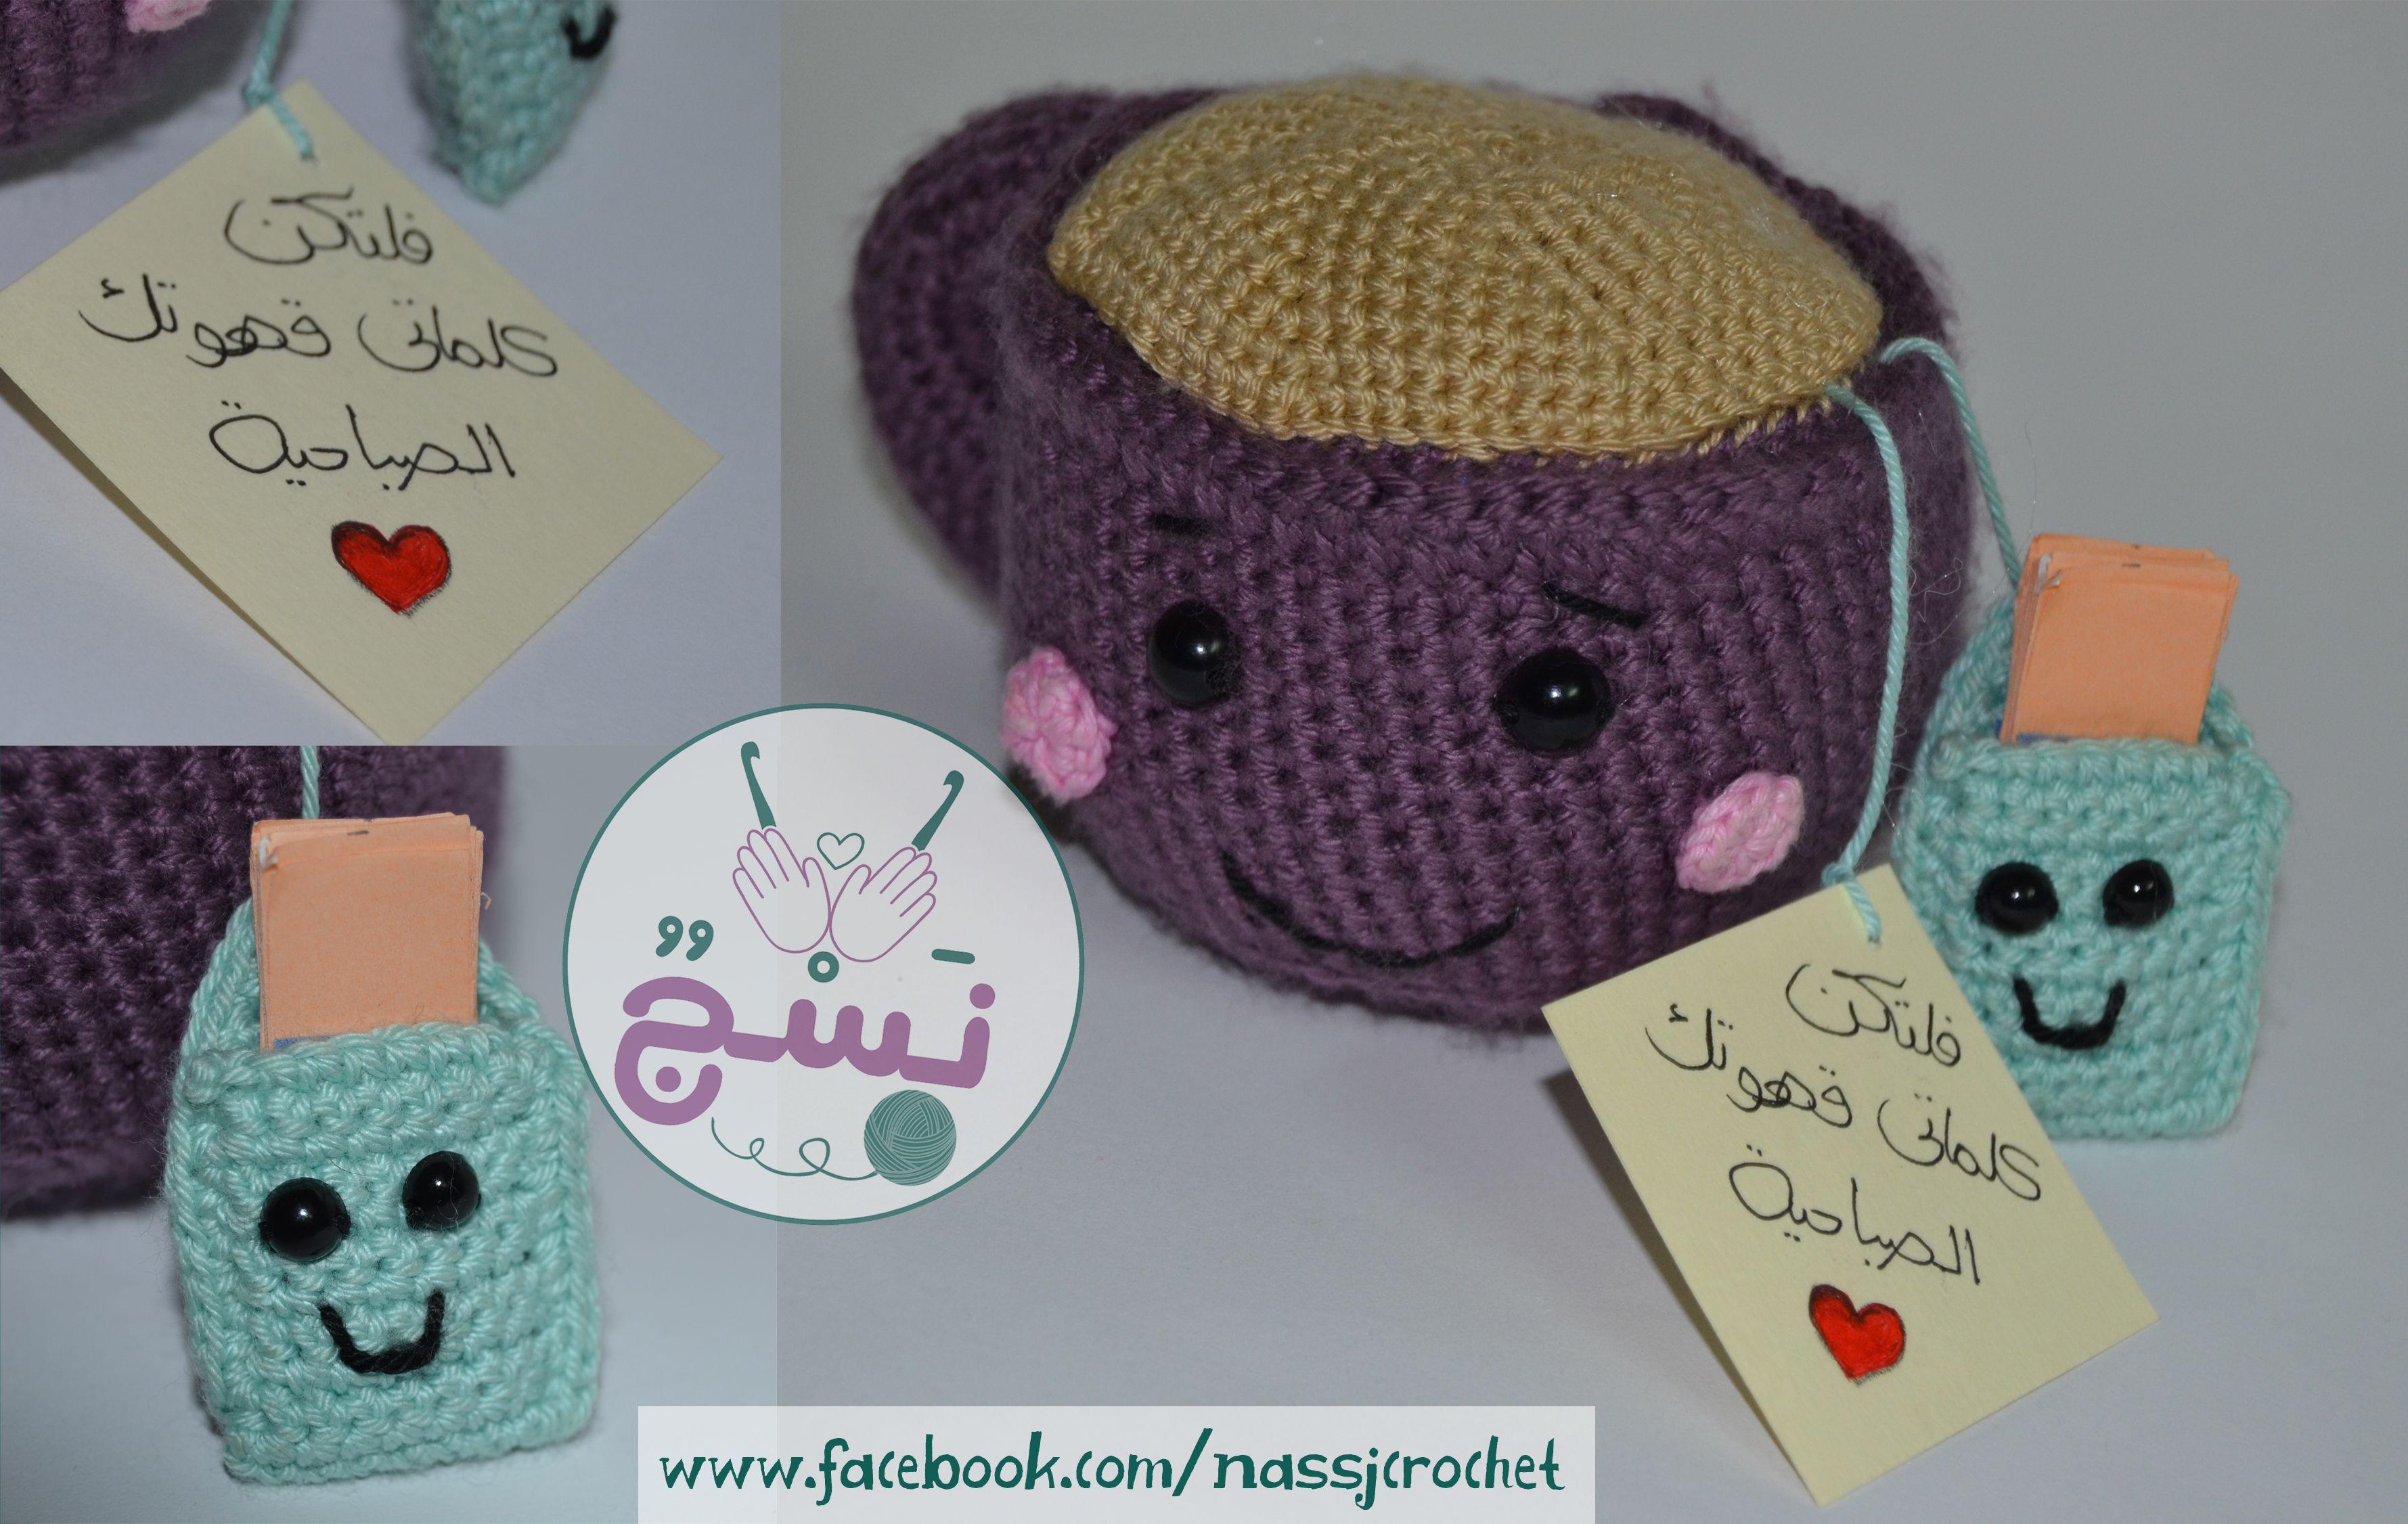 صباح الخير Crochet Hats Crochet Hats